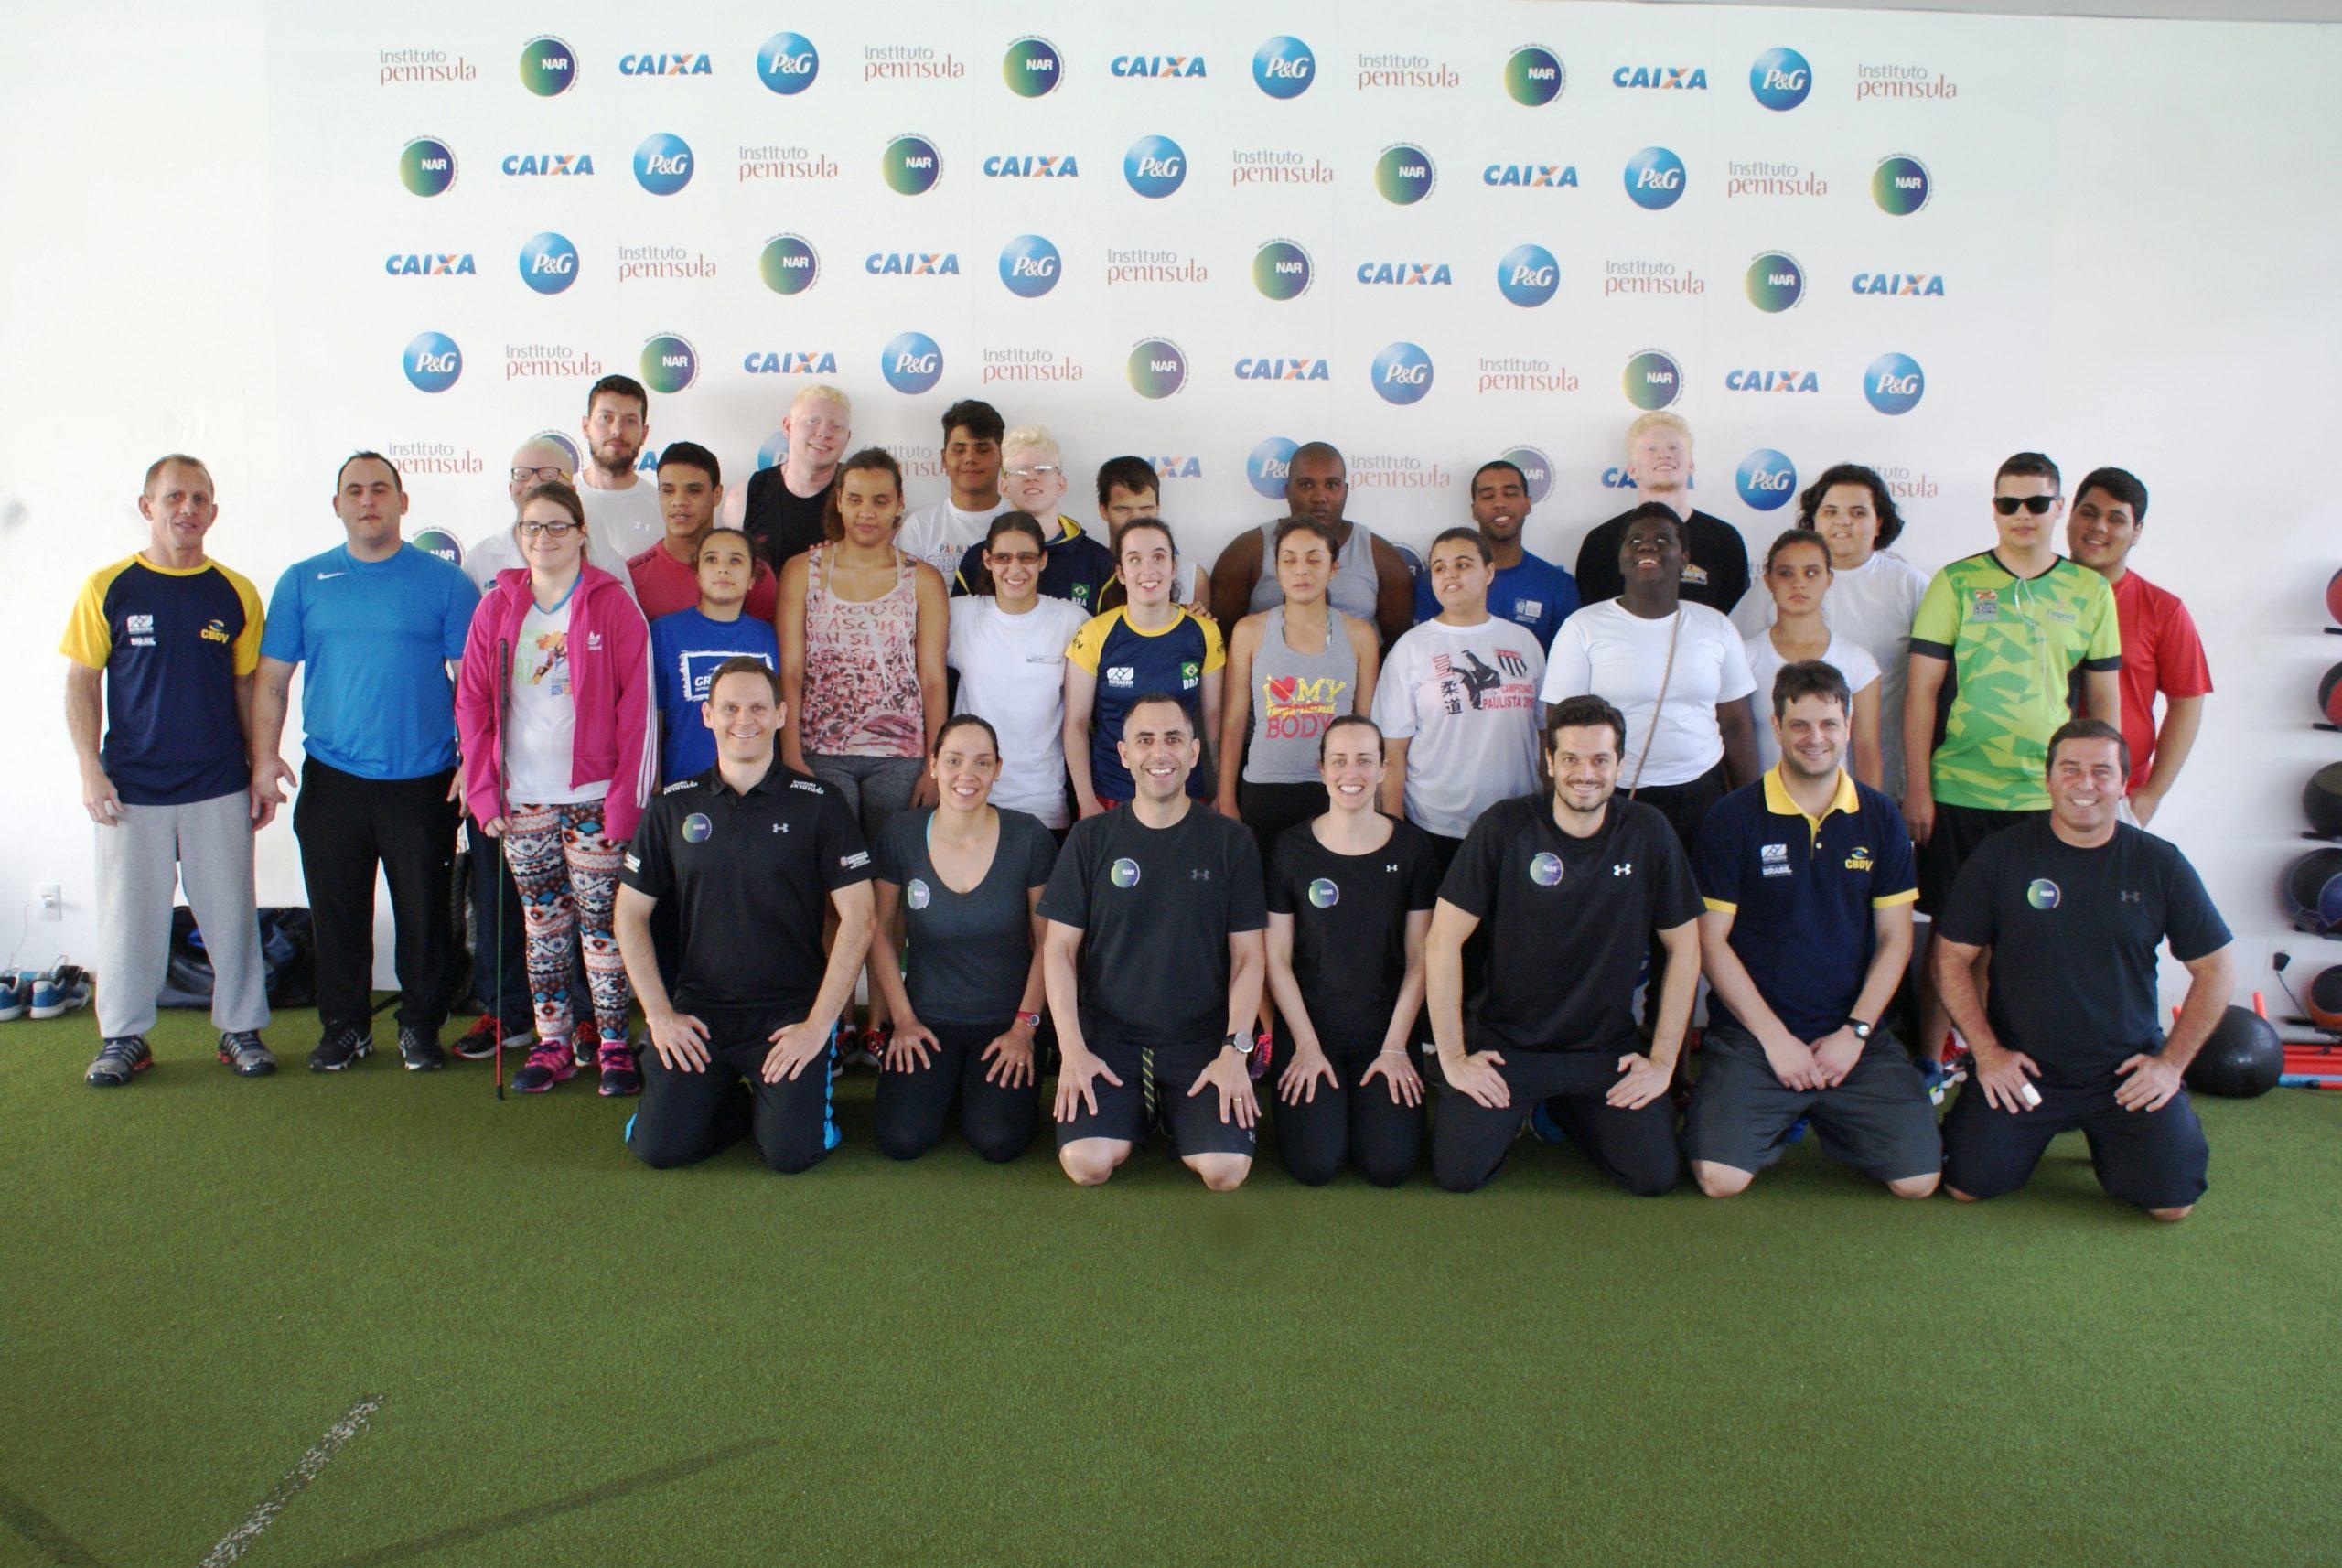 Seleção brasileira de jovens do judô paralímpico é avaliada no NAR